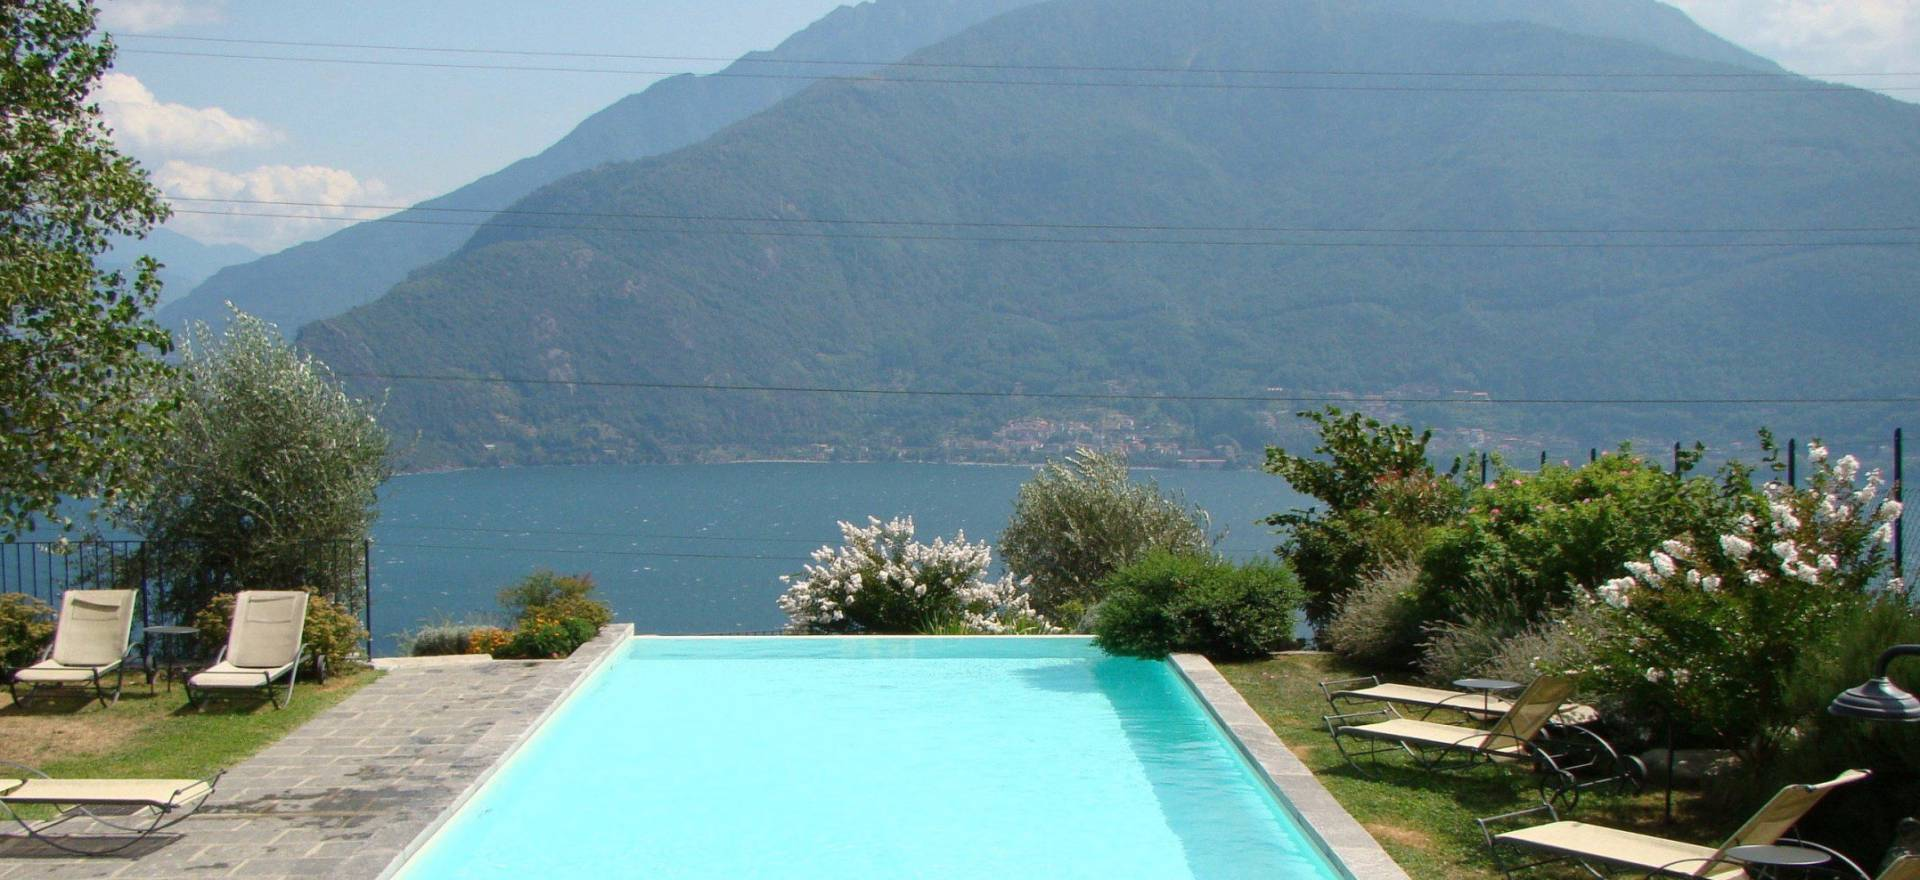 Luxe agriturismo met zwembad en uitzicht op Comomeer!